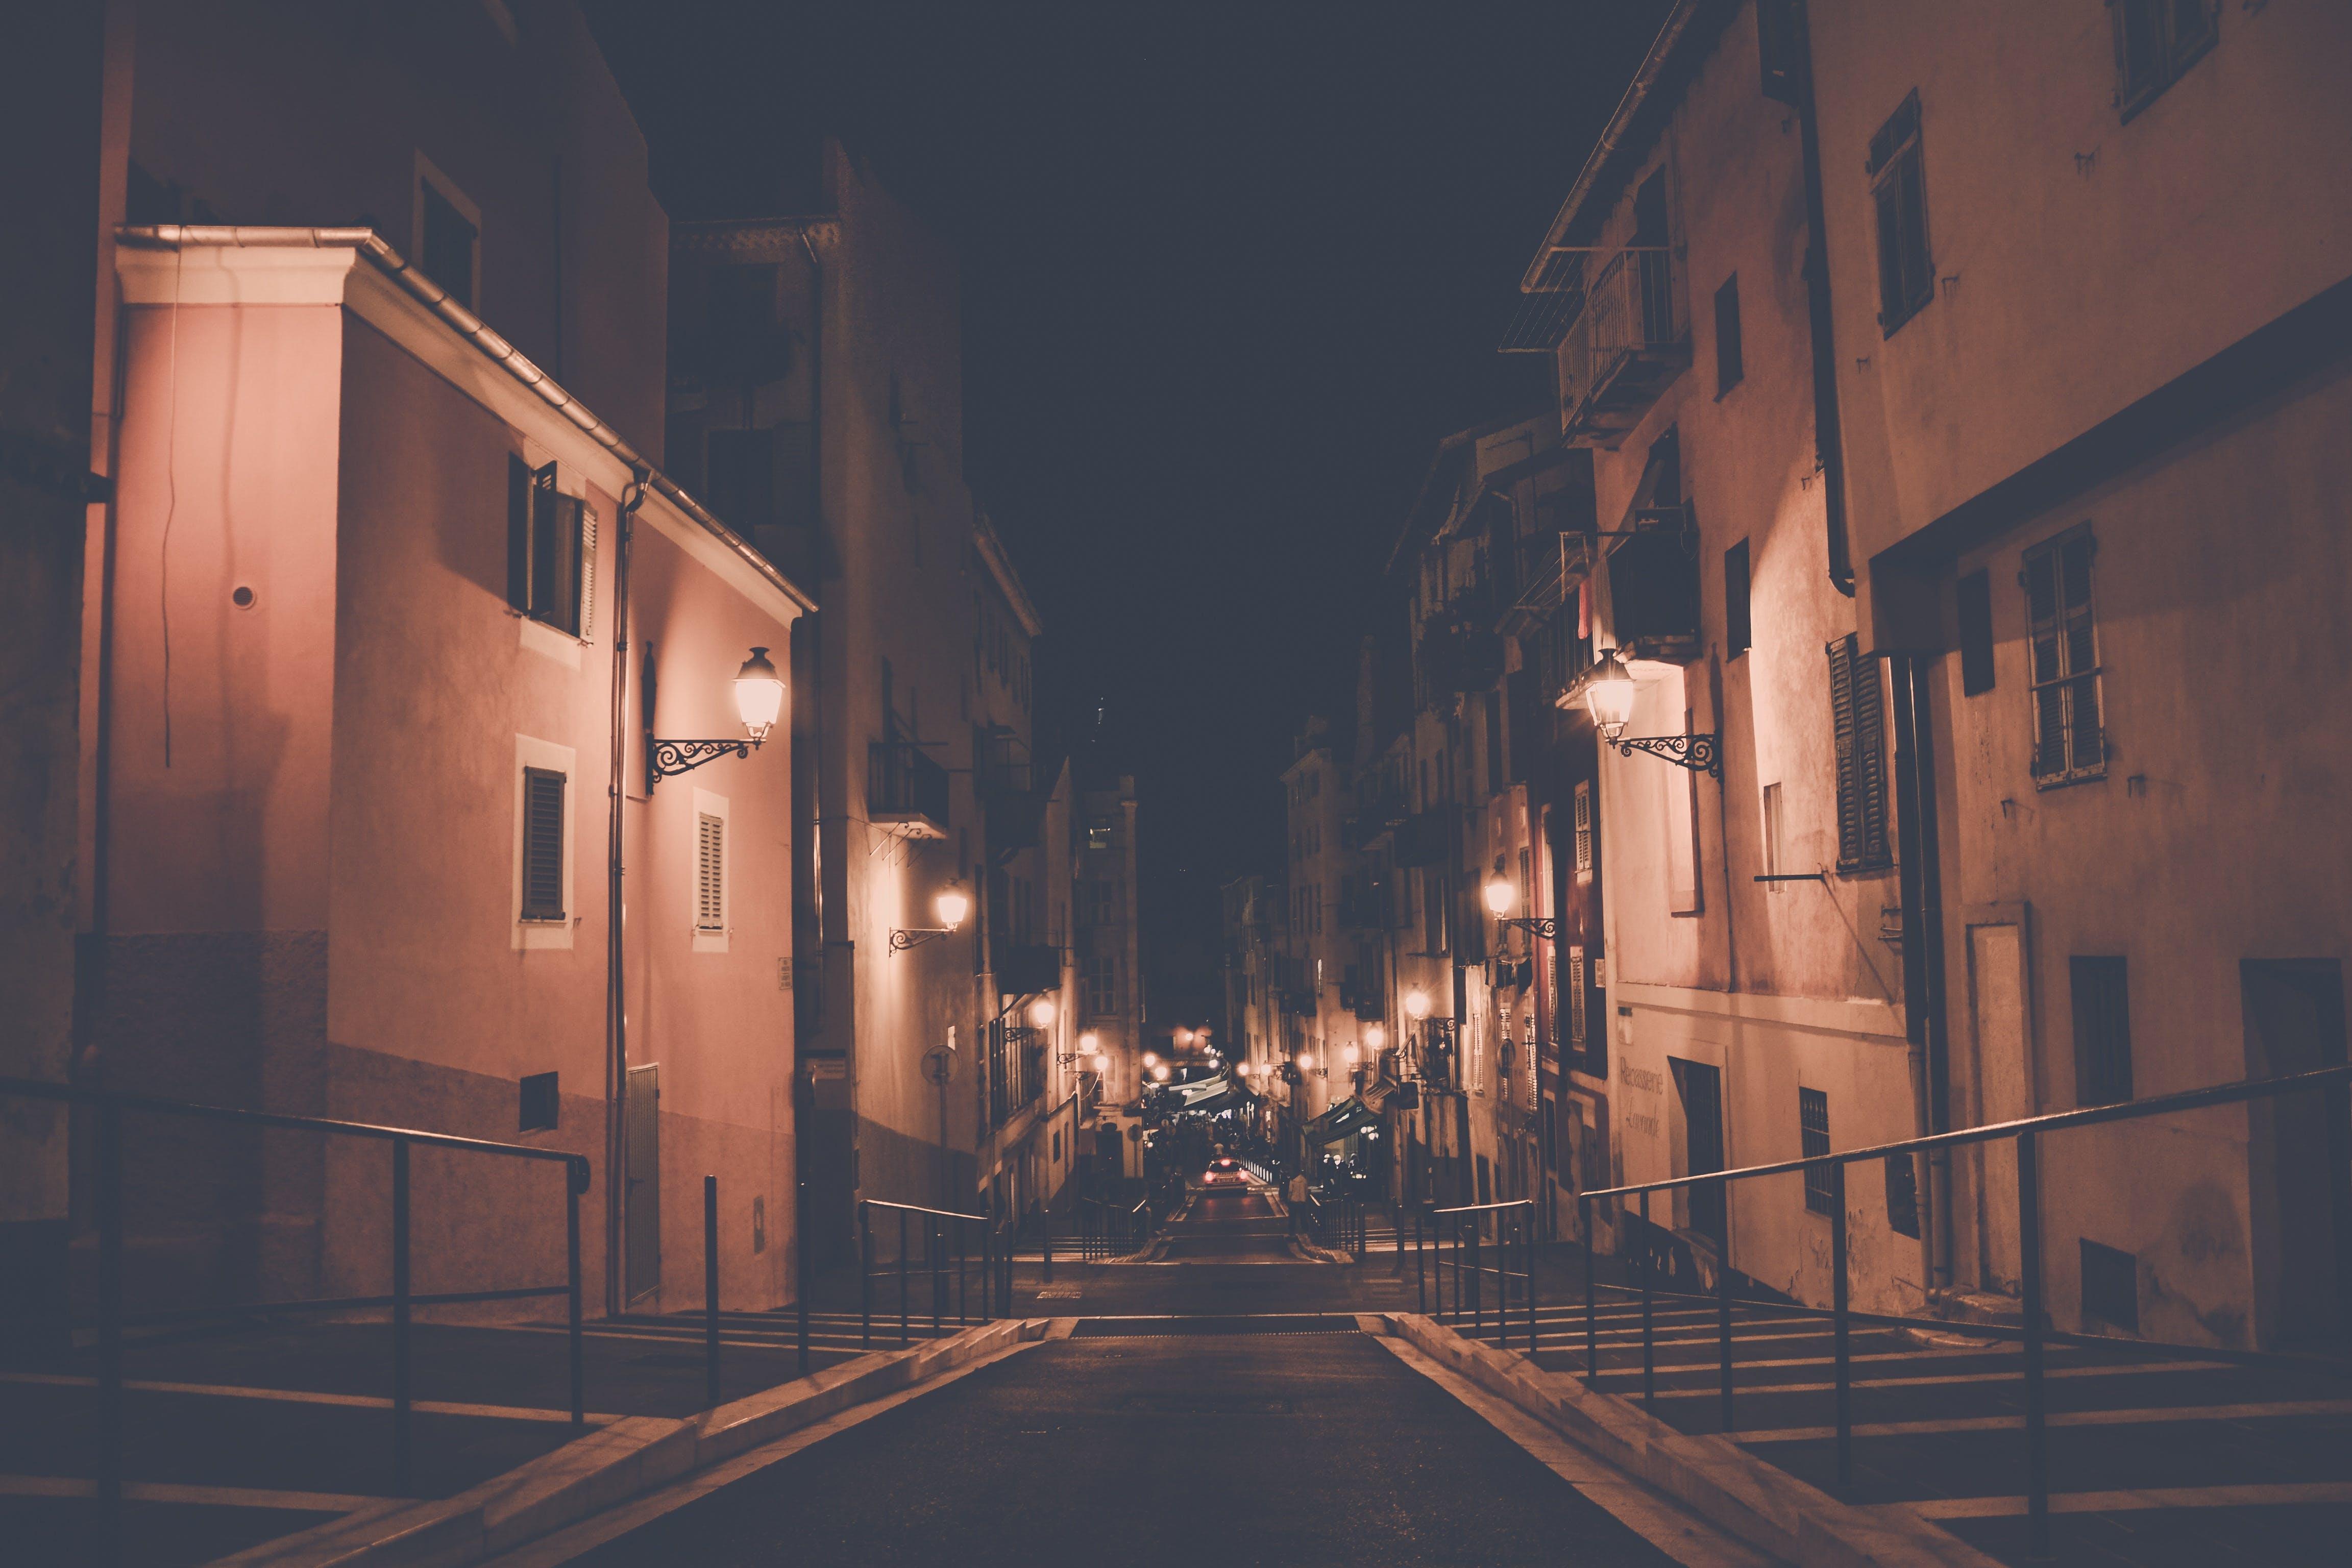 Kostnadsfri bild av arkitektur, byggnader, gata, mörk